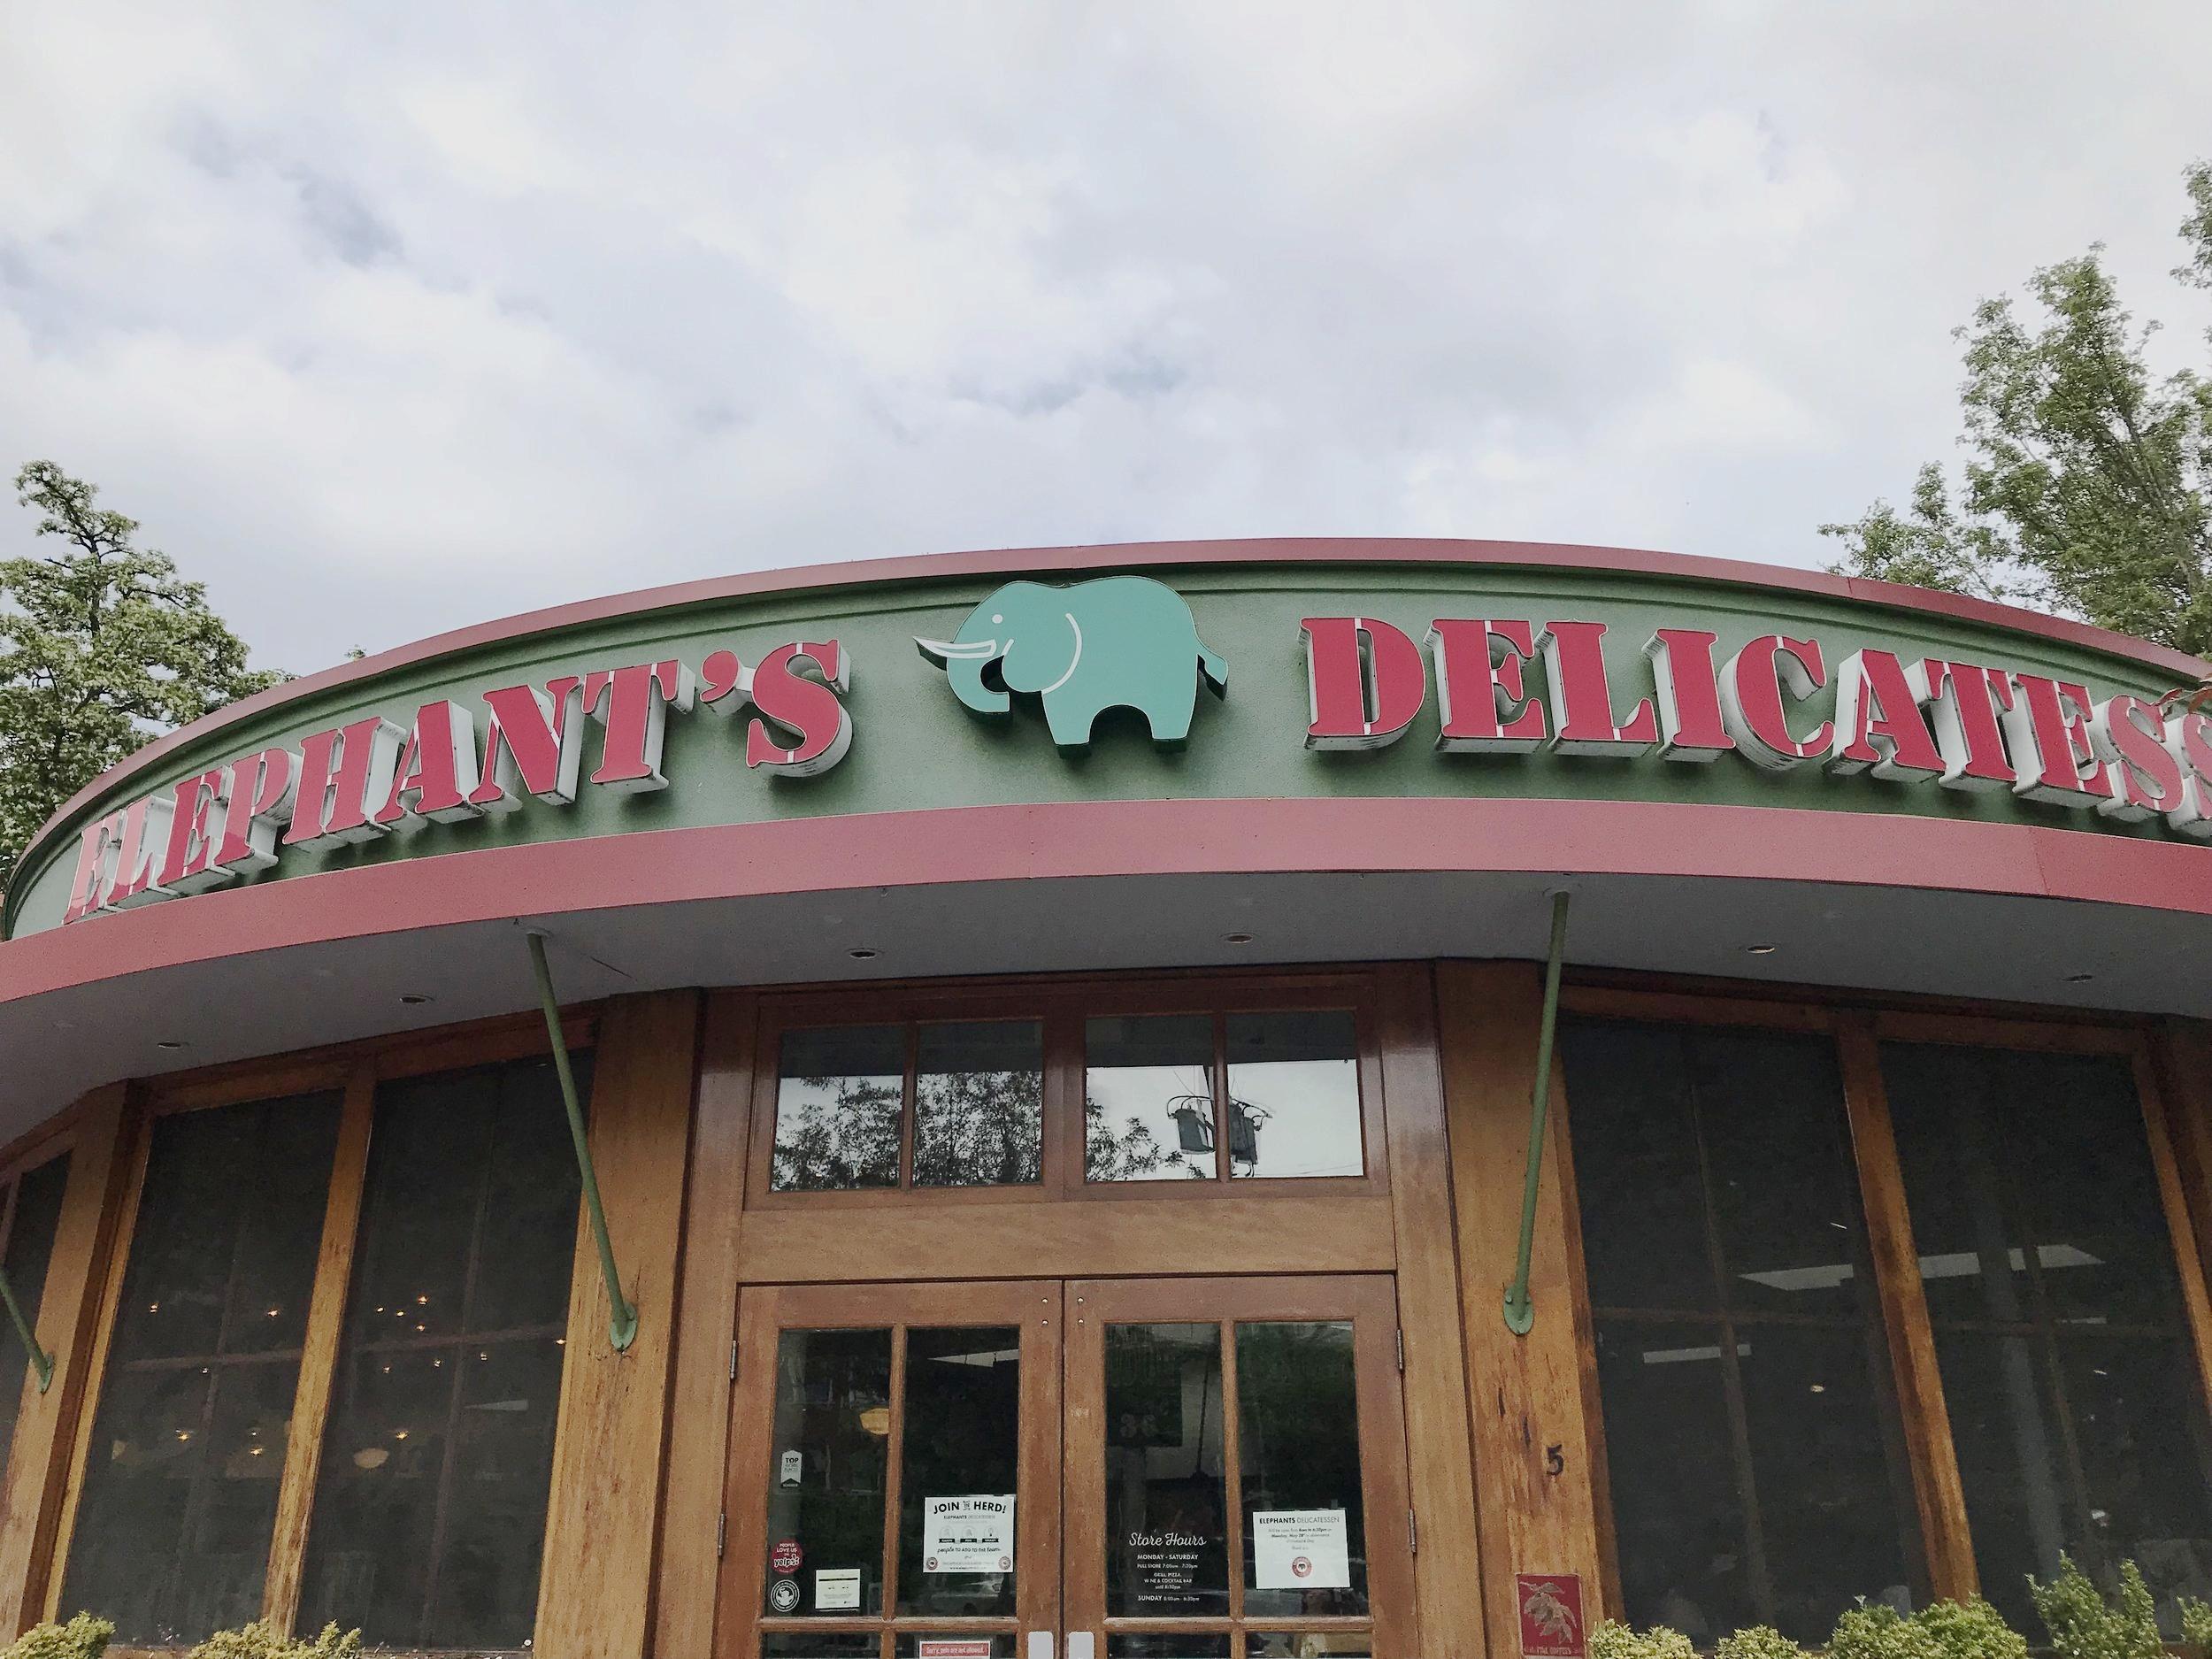 Elephant Delicatessen Portland